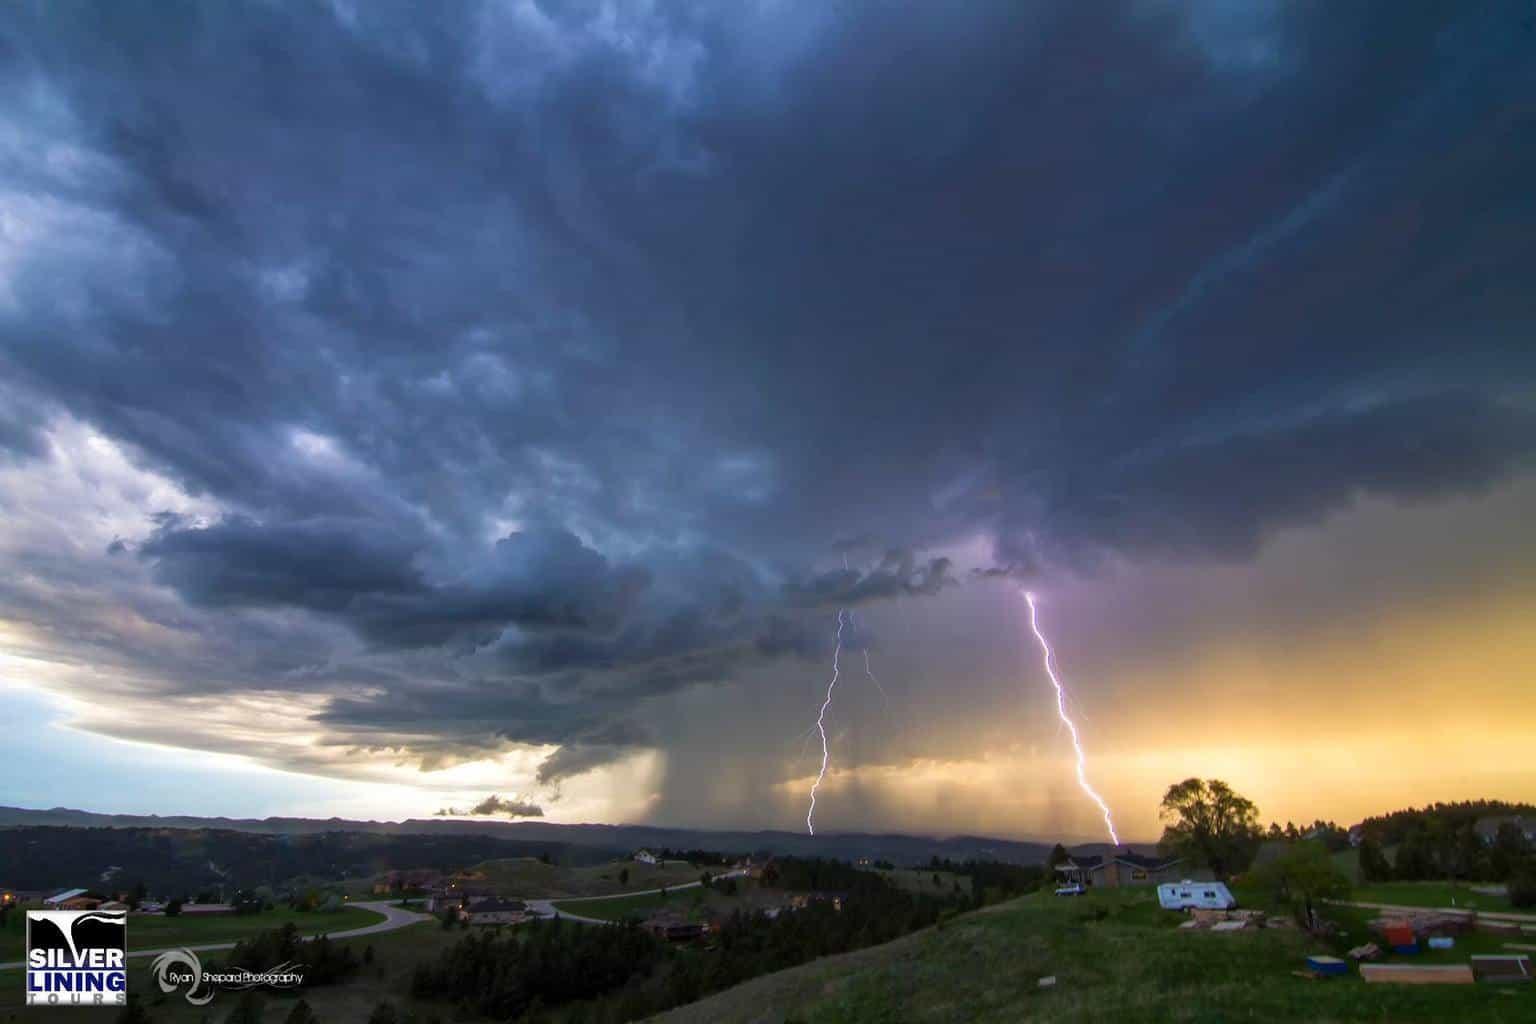 June 1st 2015 Lightning over Rapid City, SD